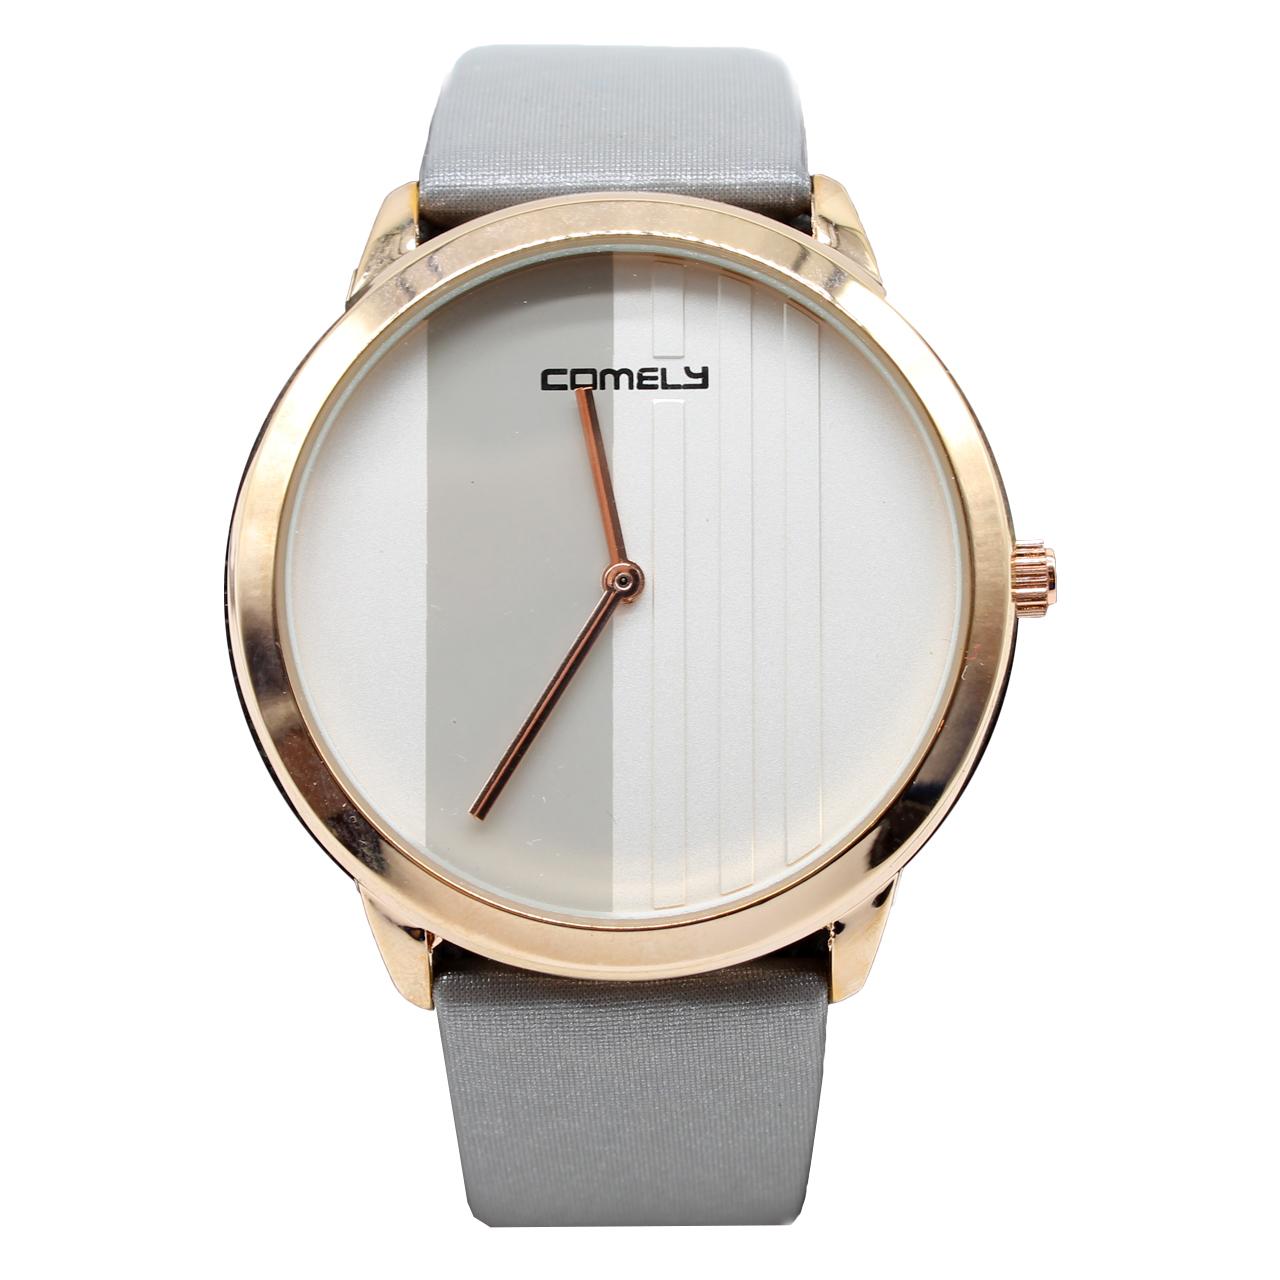 ساعت مچی عقربه ای زنانه کملی مدل KW-004 54